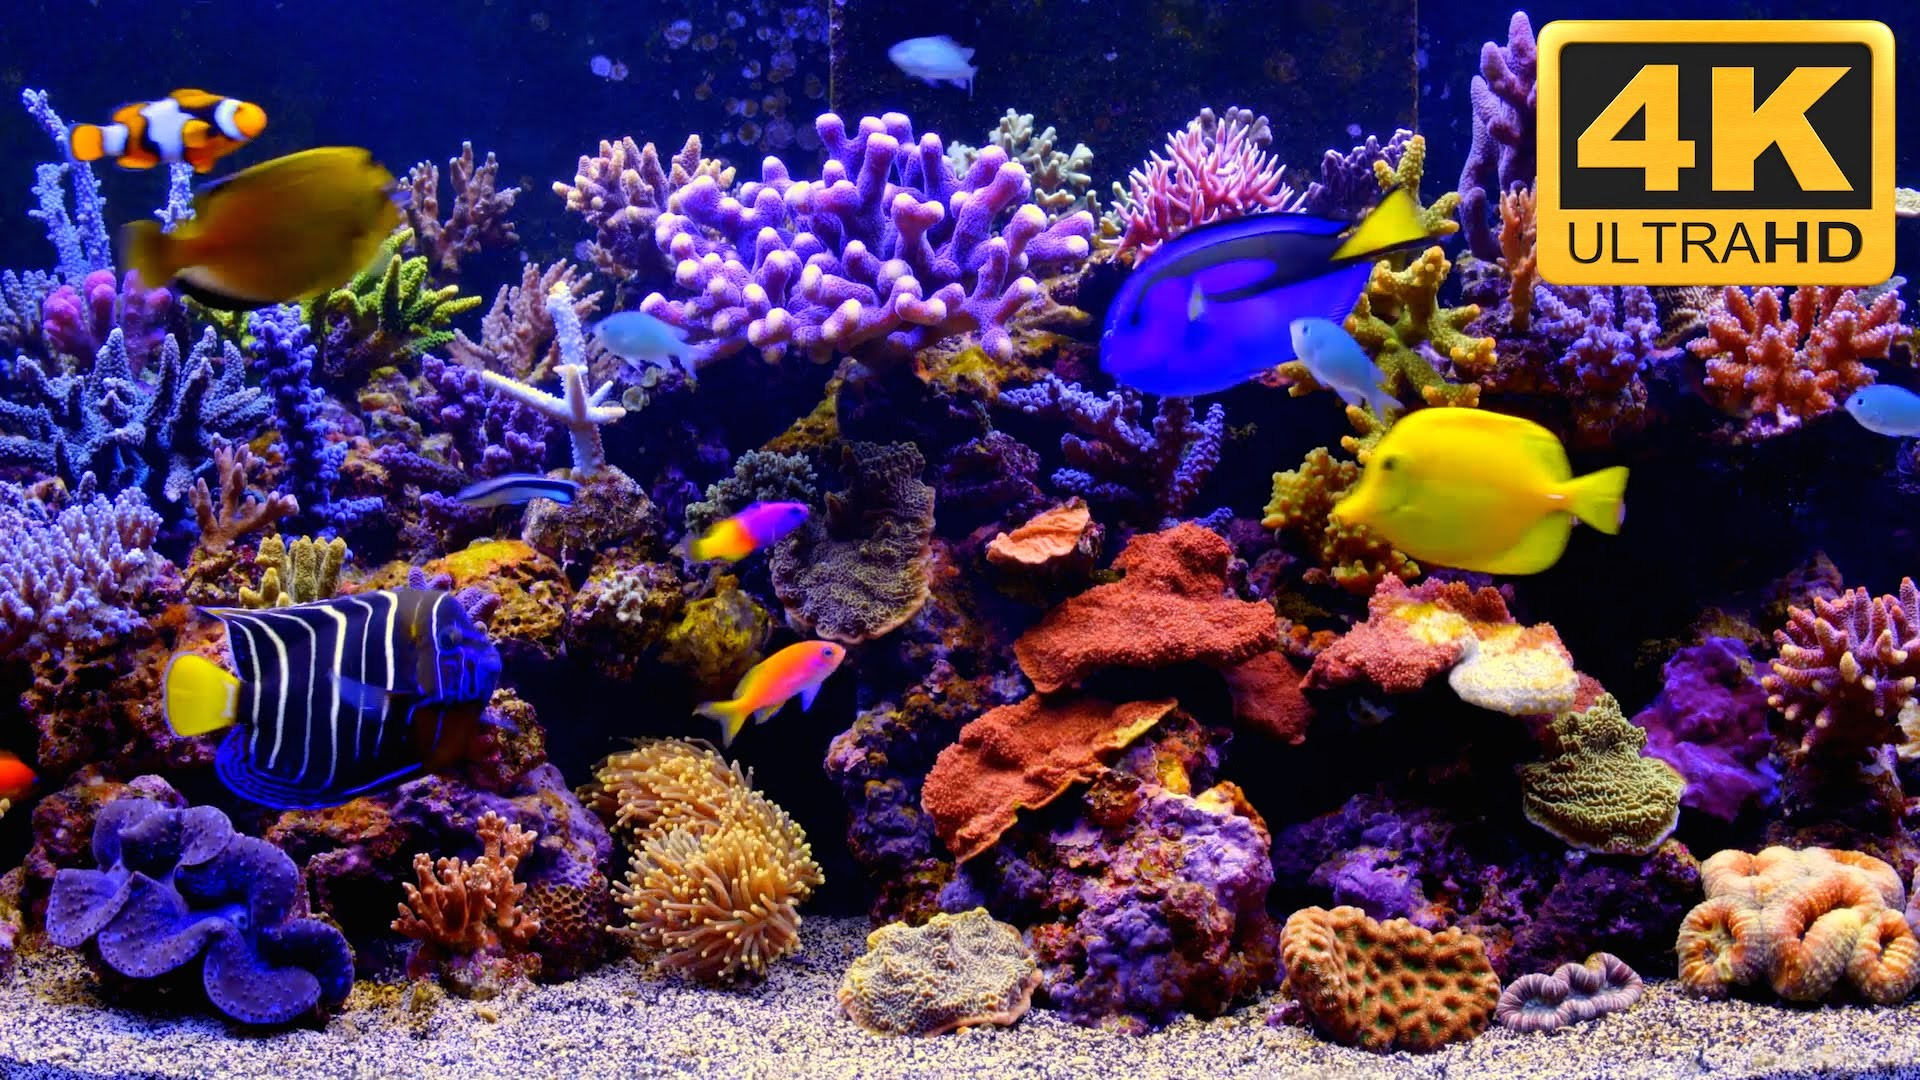 Res: 1920x1080, ... THE BEST 4K Aquarium Video ***** - YouTube